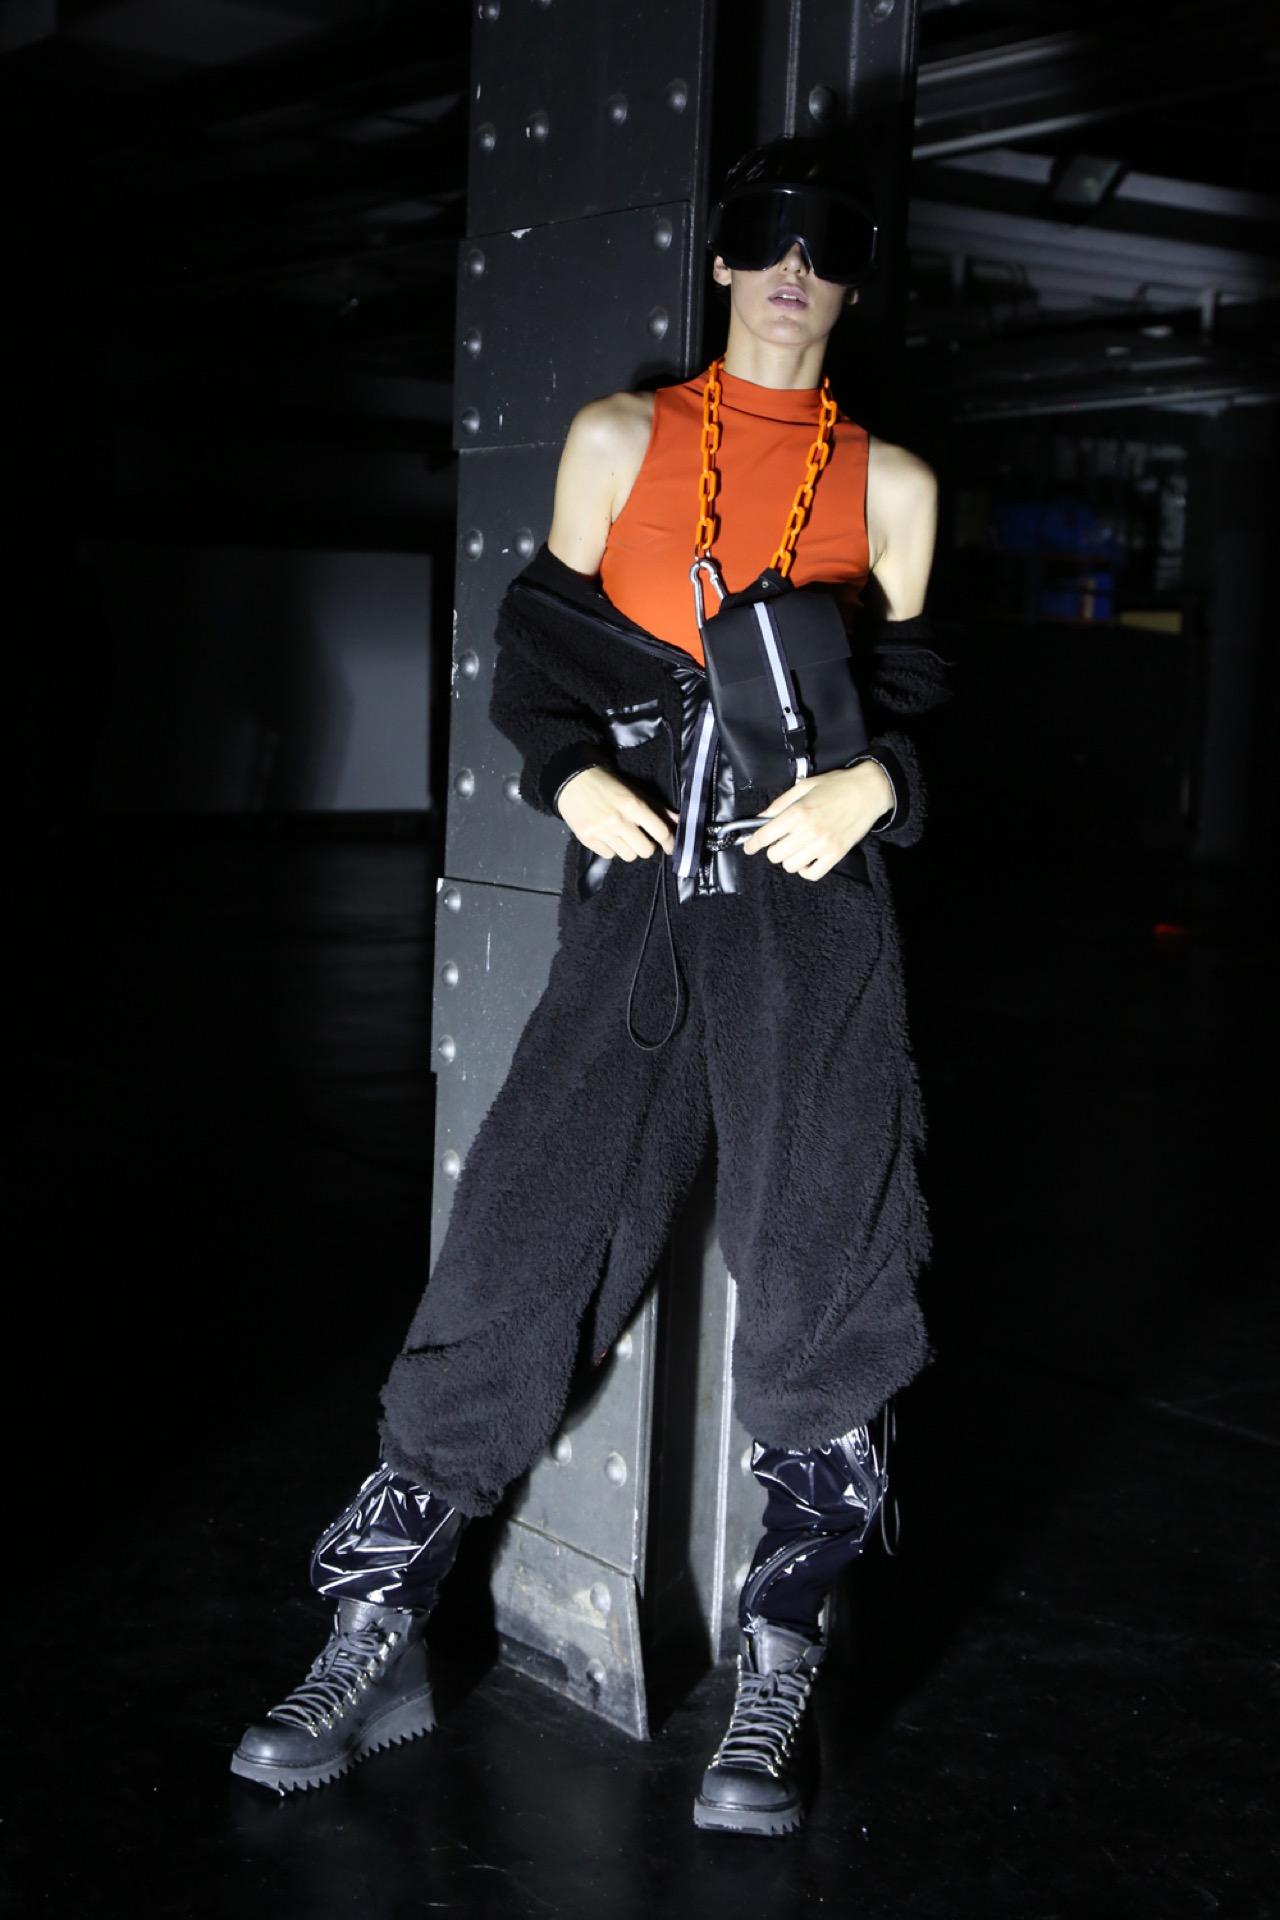 Kostüme creó su propia versión del pantalón cargo.